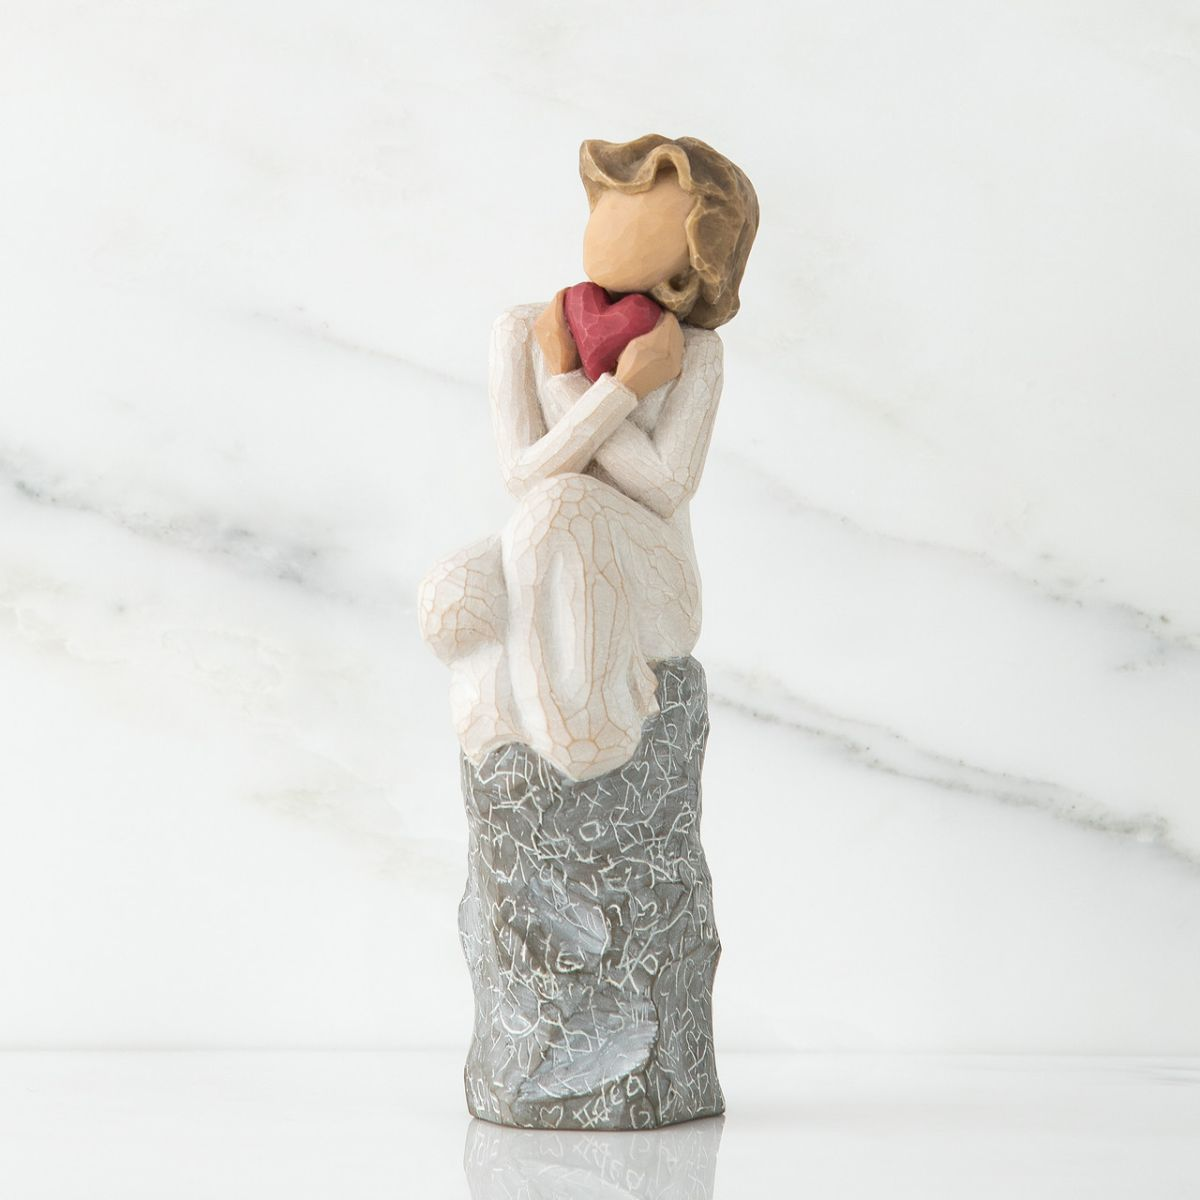 ウィローツリー彫像 【Always】 - いつも、いつまでも